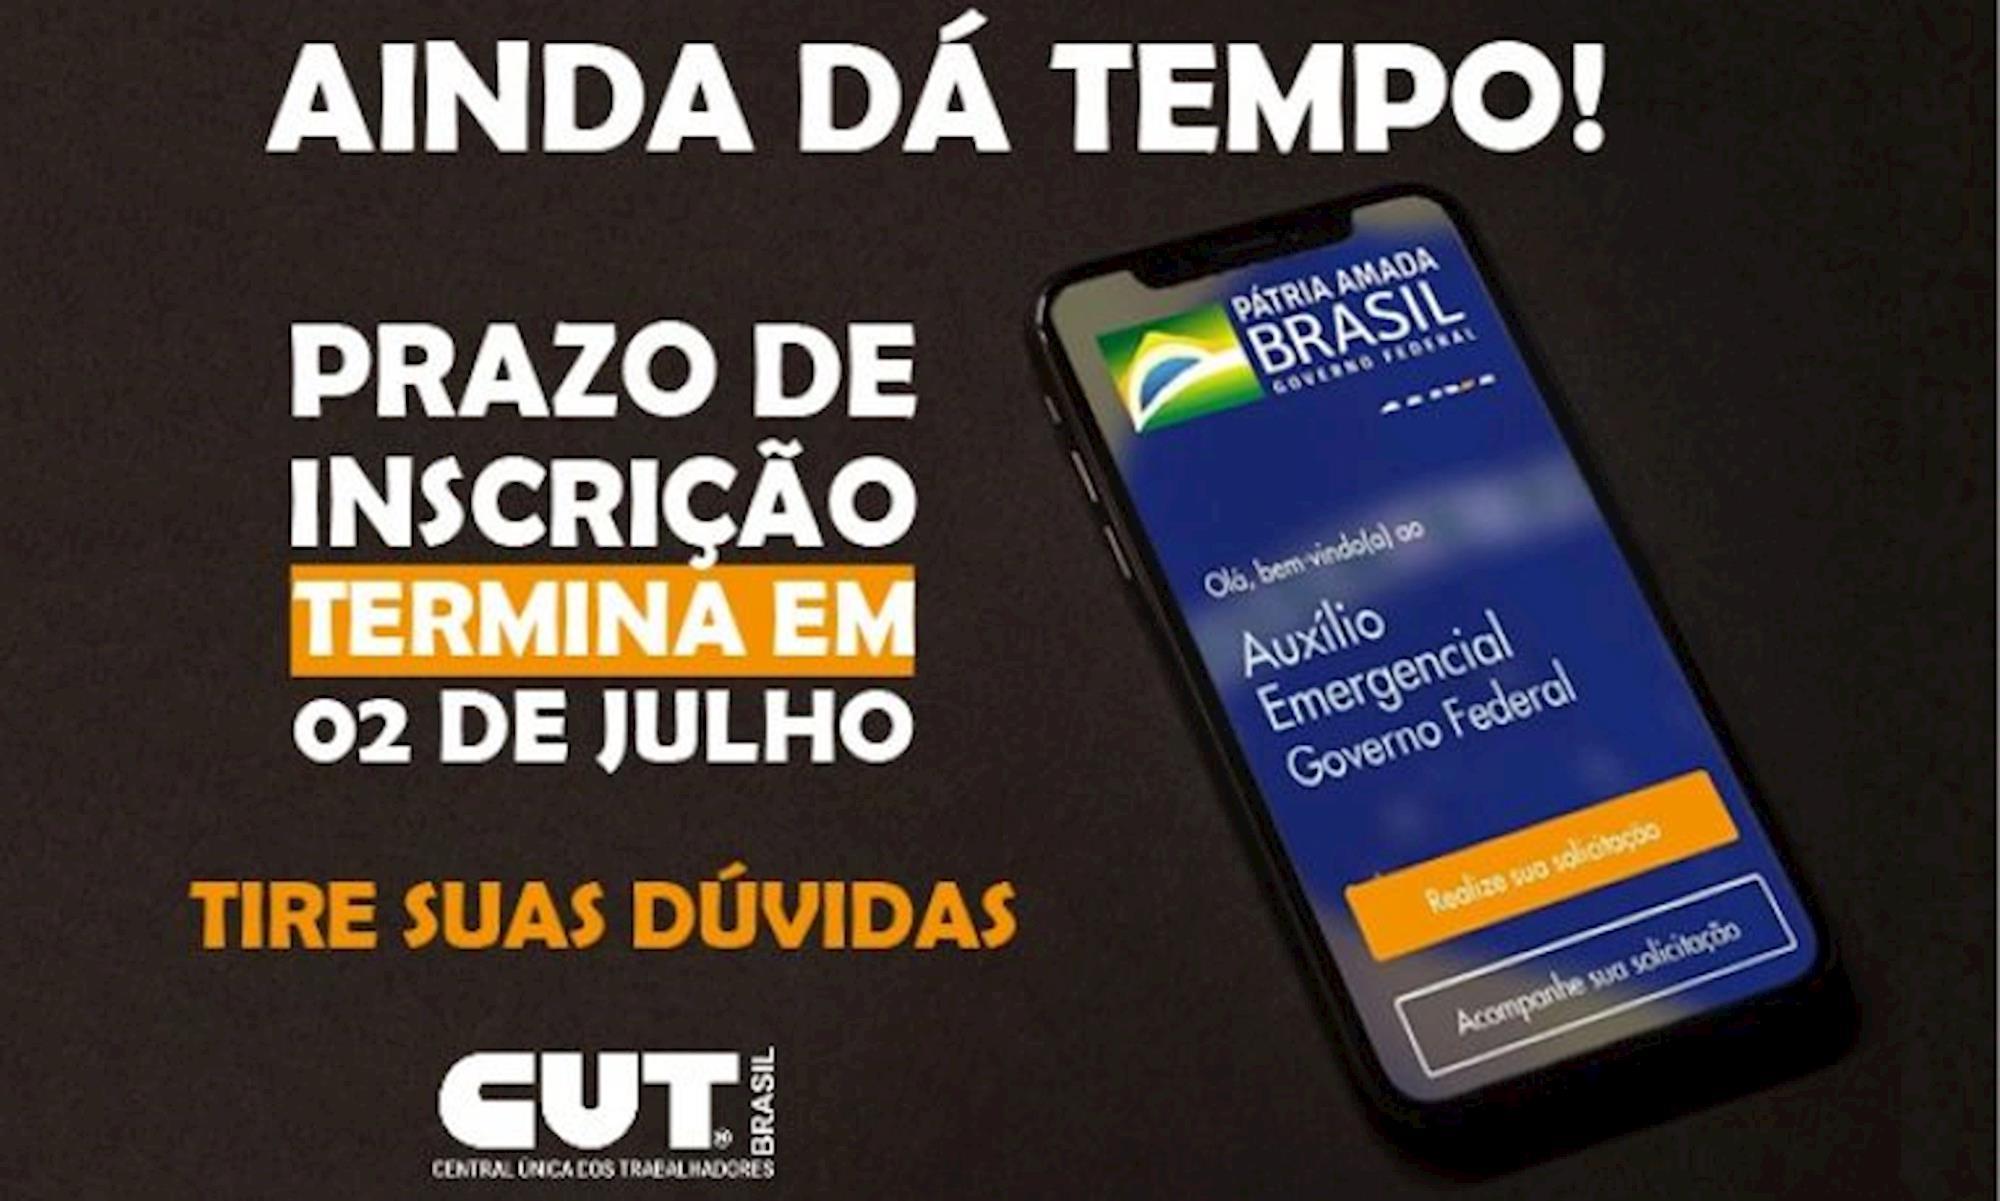 cut, auxilio, emergencial, 600 reais, Divulgação CUT